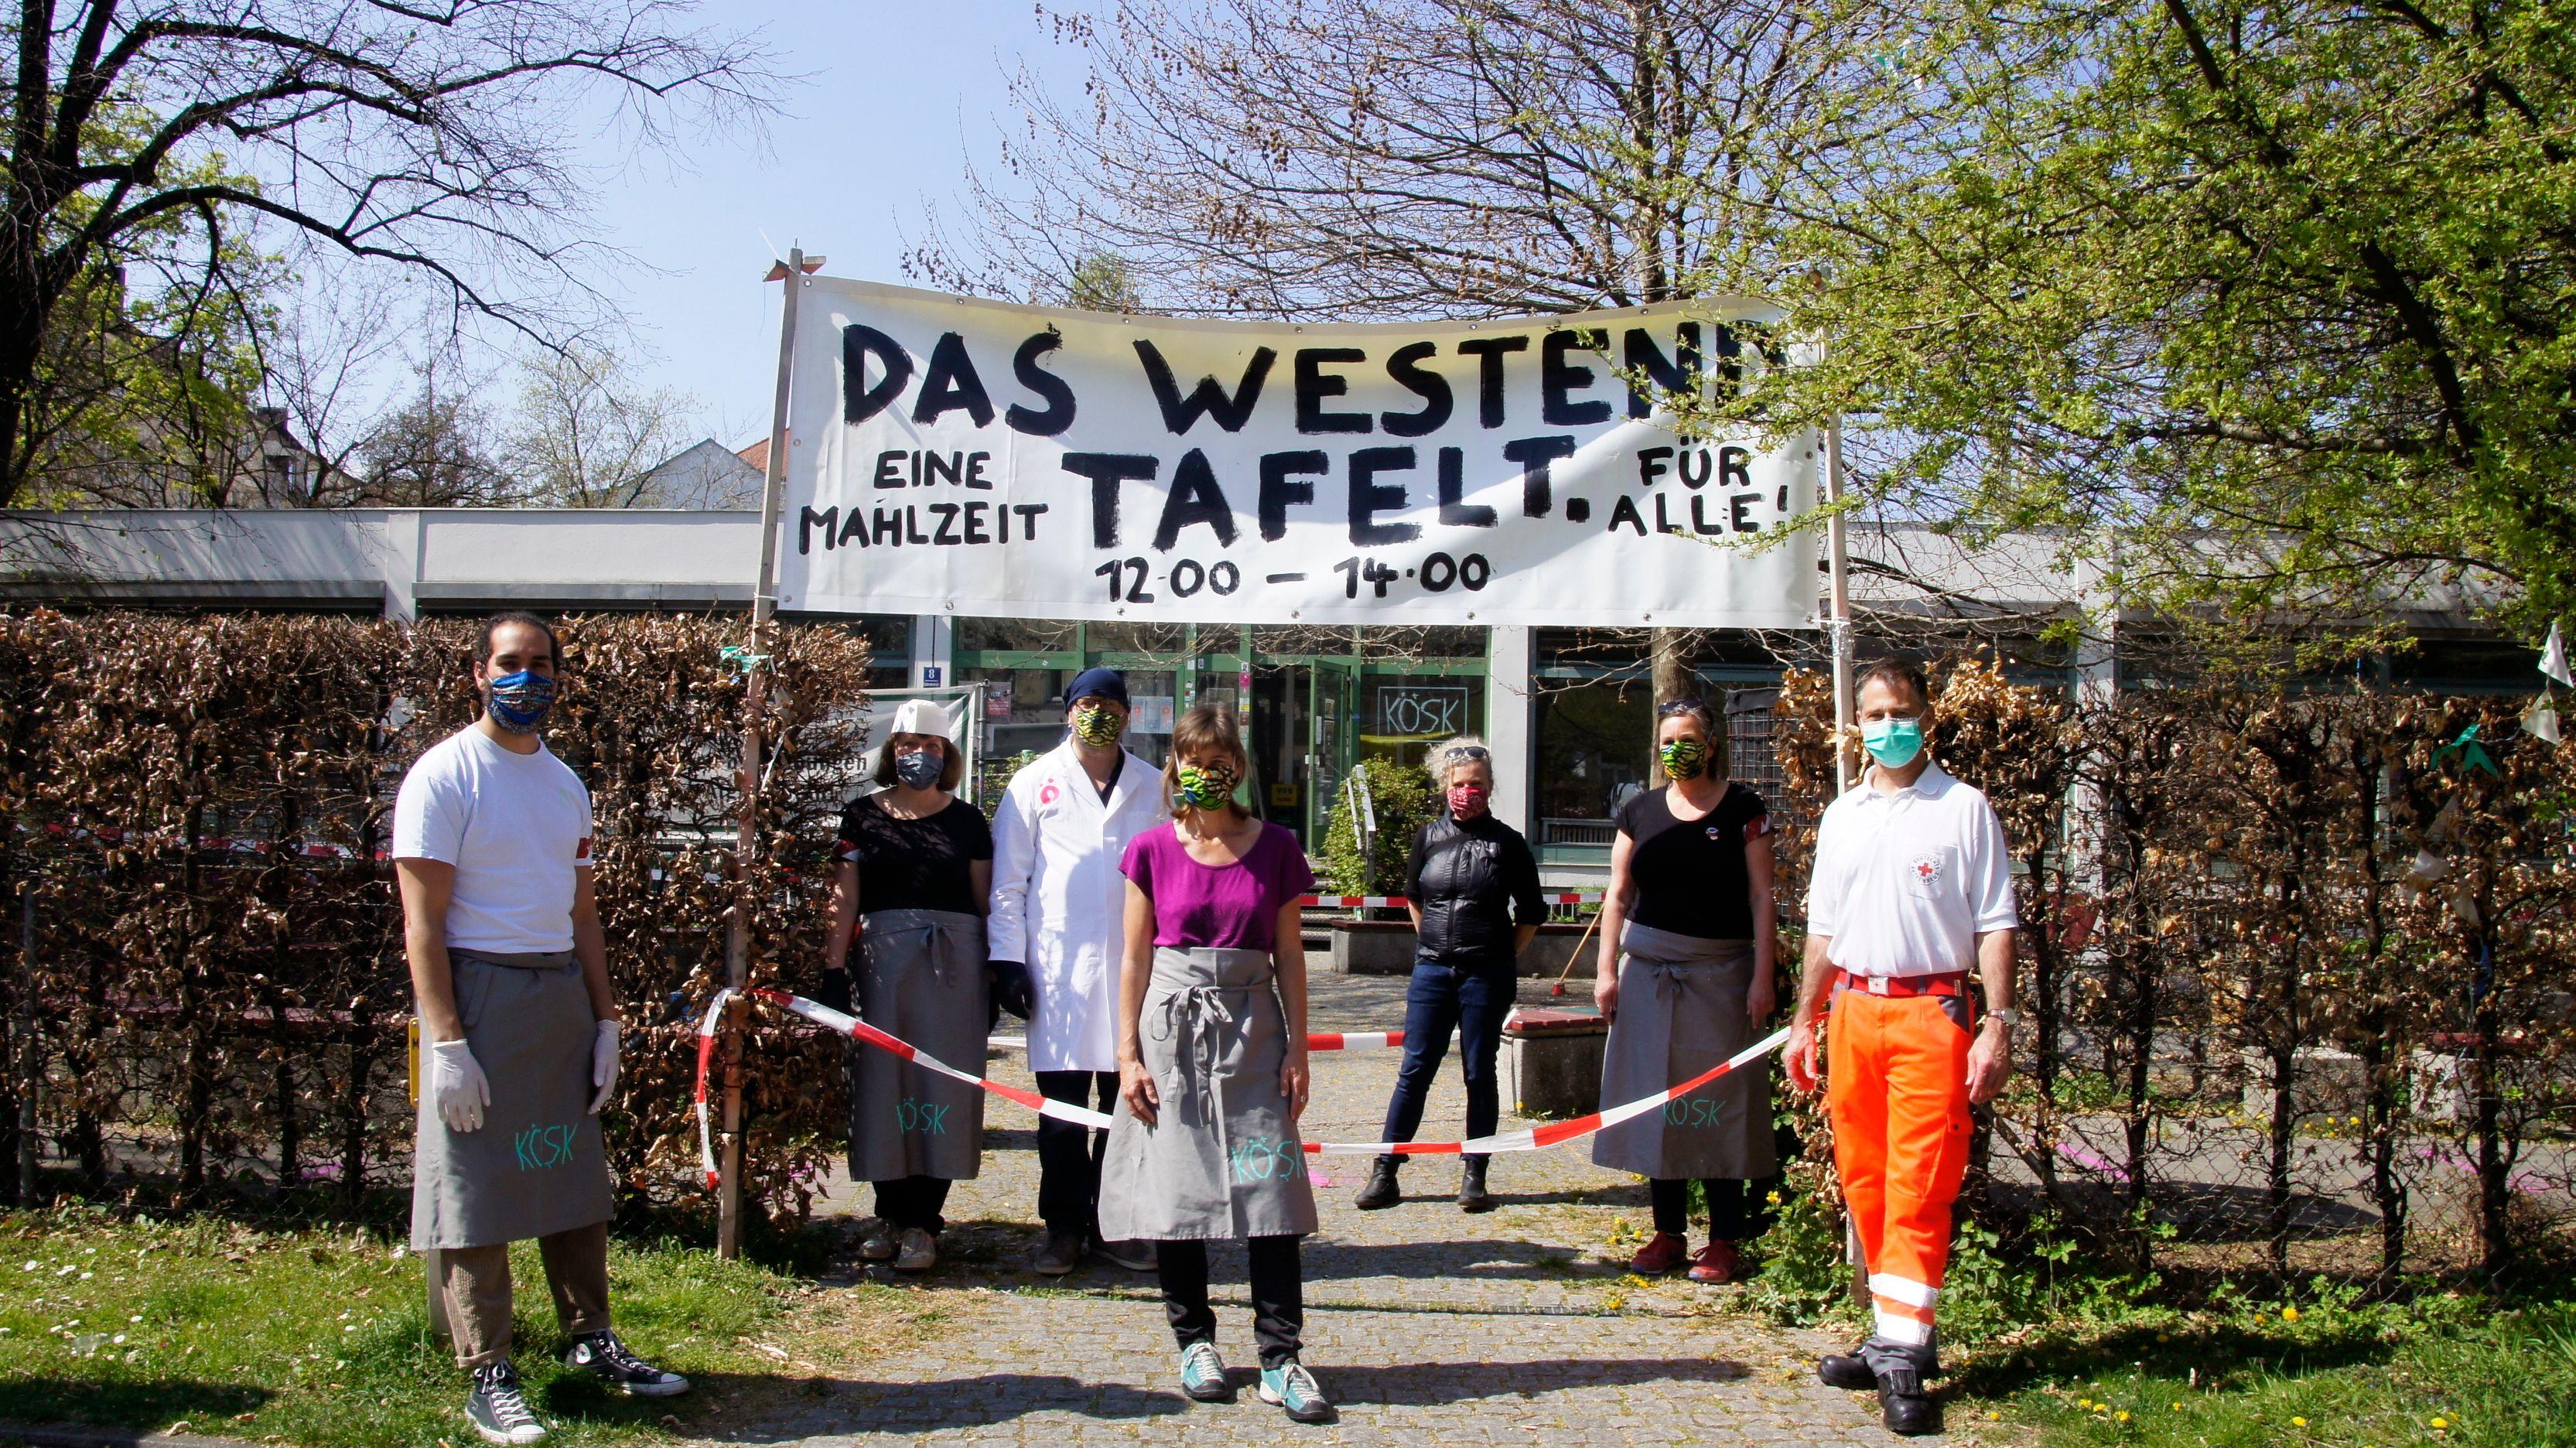 """Eine Mahlzeit für alle: """"Das Westend tafelt"""""""